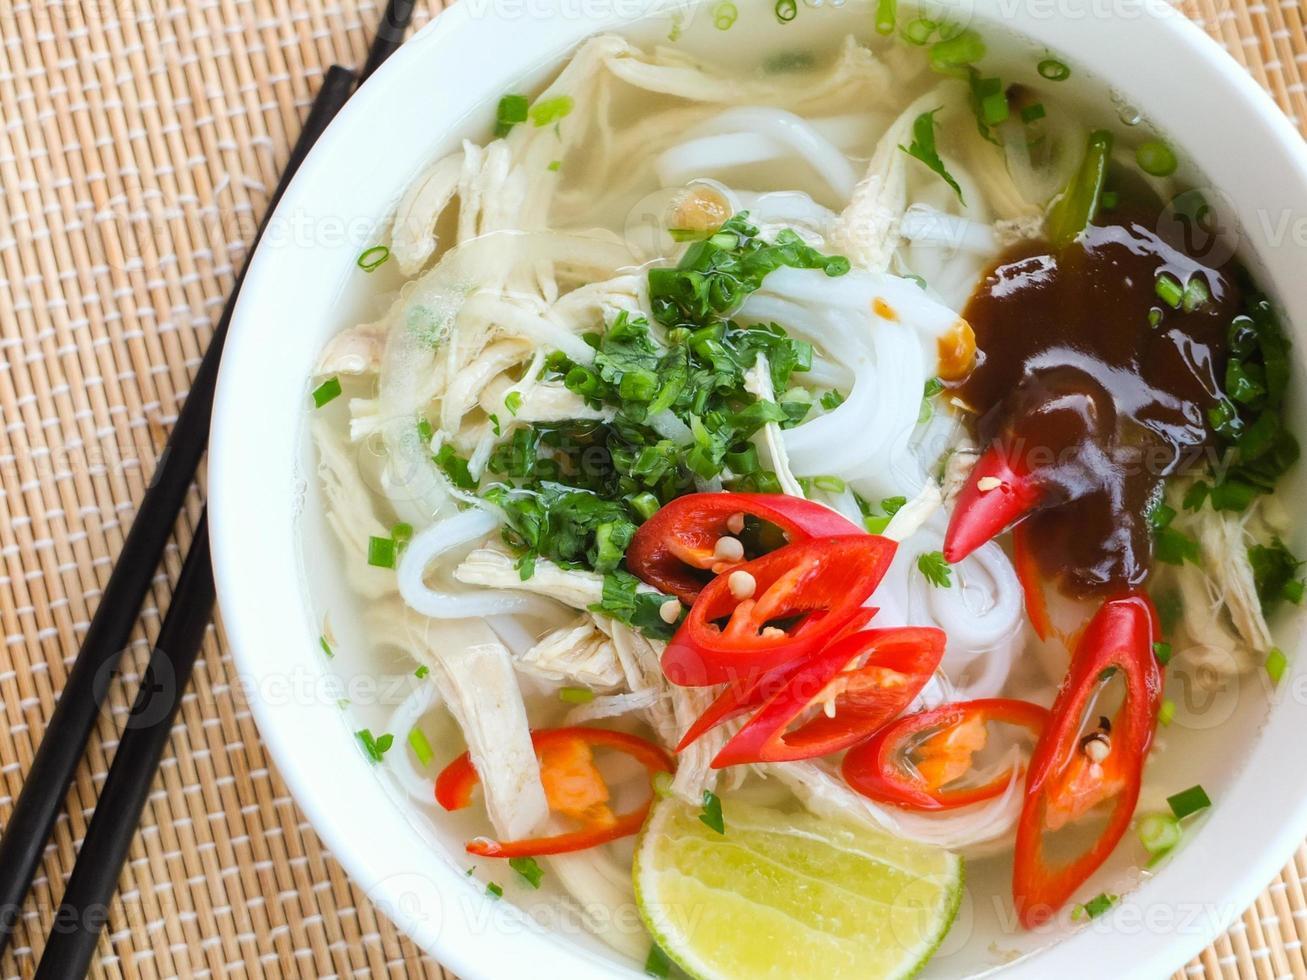 fotografia de sopa de macarrão de arroz de frango asiático com legumes foto